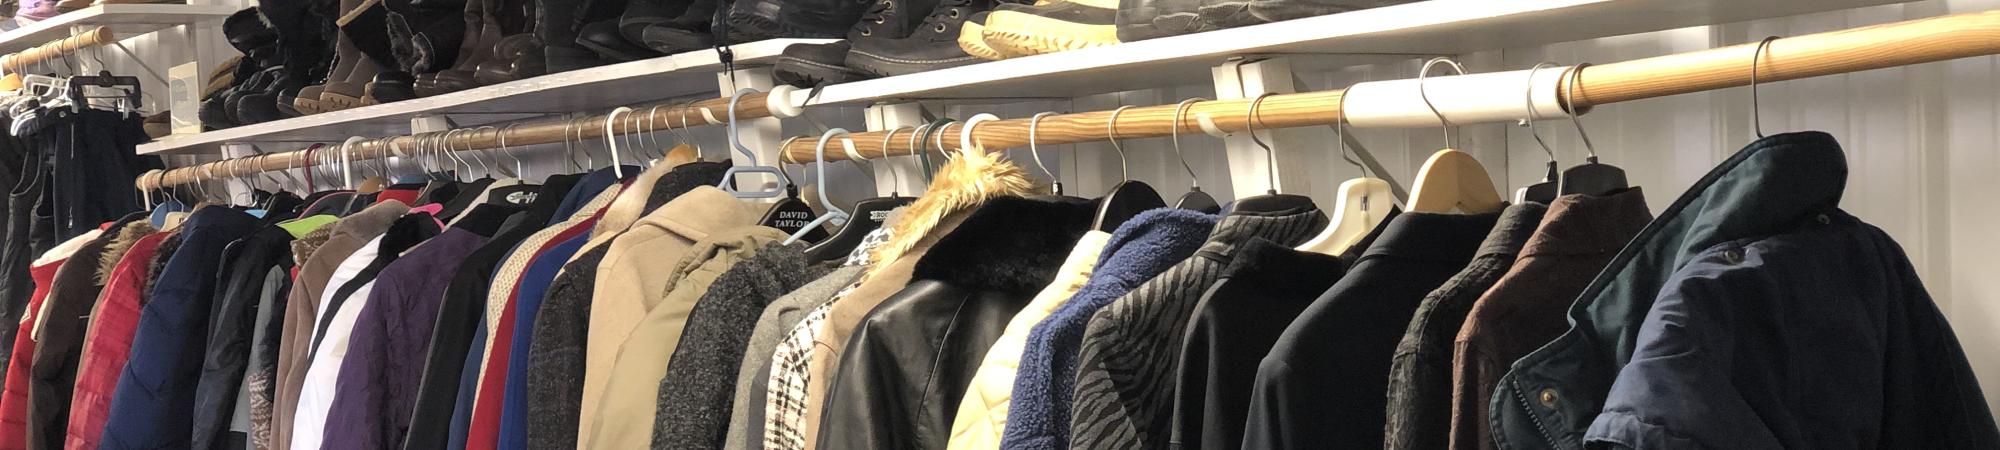 Tusen Tack Thrift Store, Braham, MN raises money for community programs